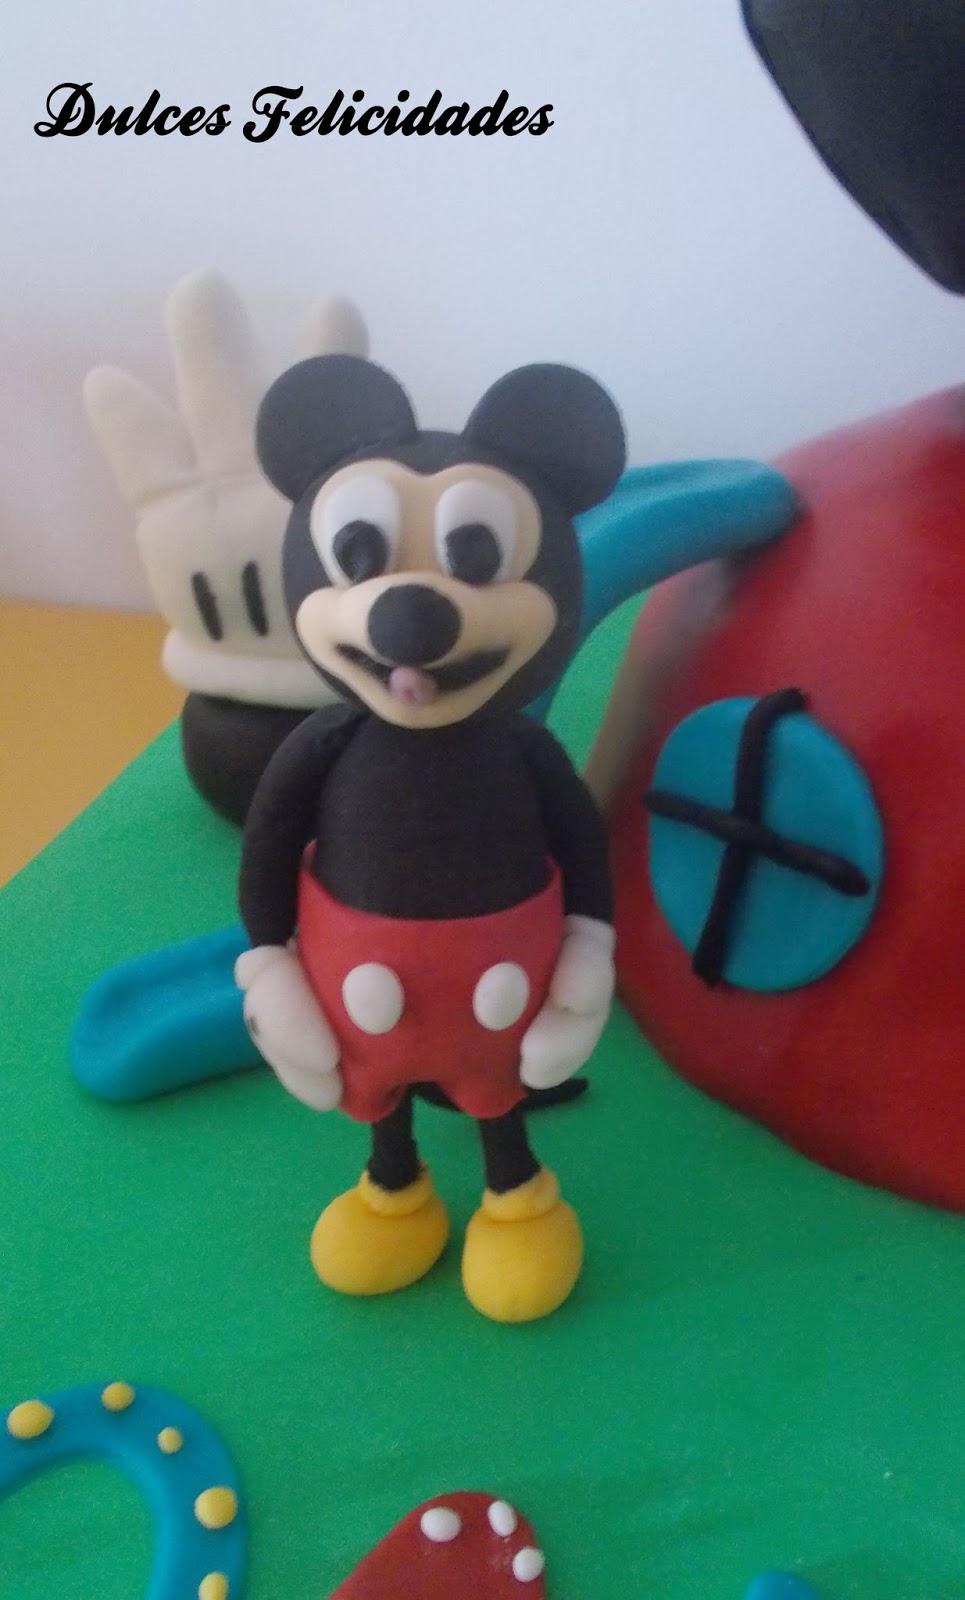 Dulces felicidades tarta la casa de mickey mouse buttercream de chocolate con leche - Youtube casa mickey mouse ...